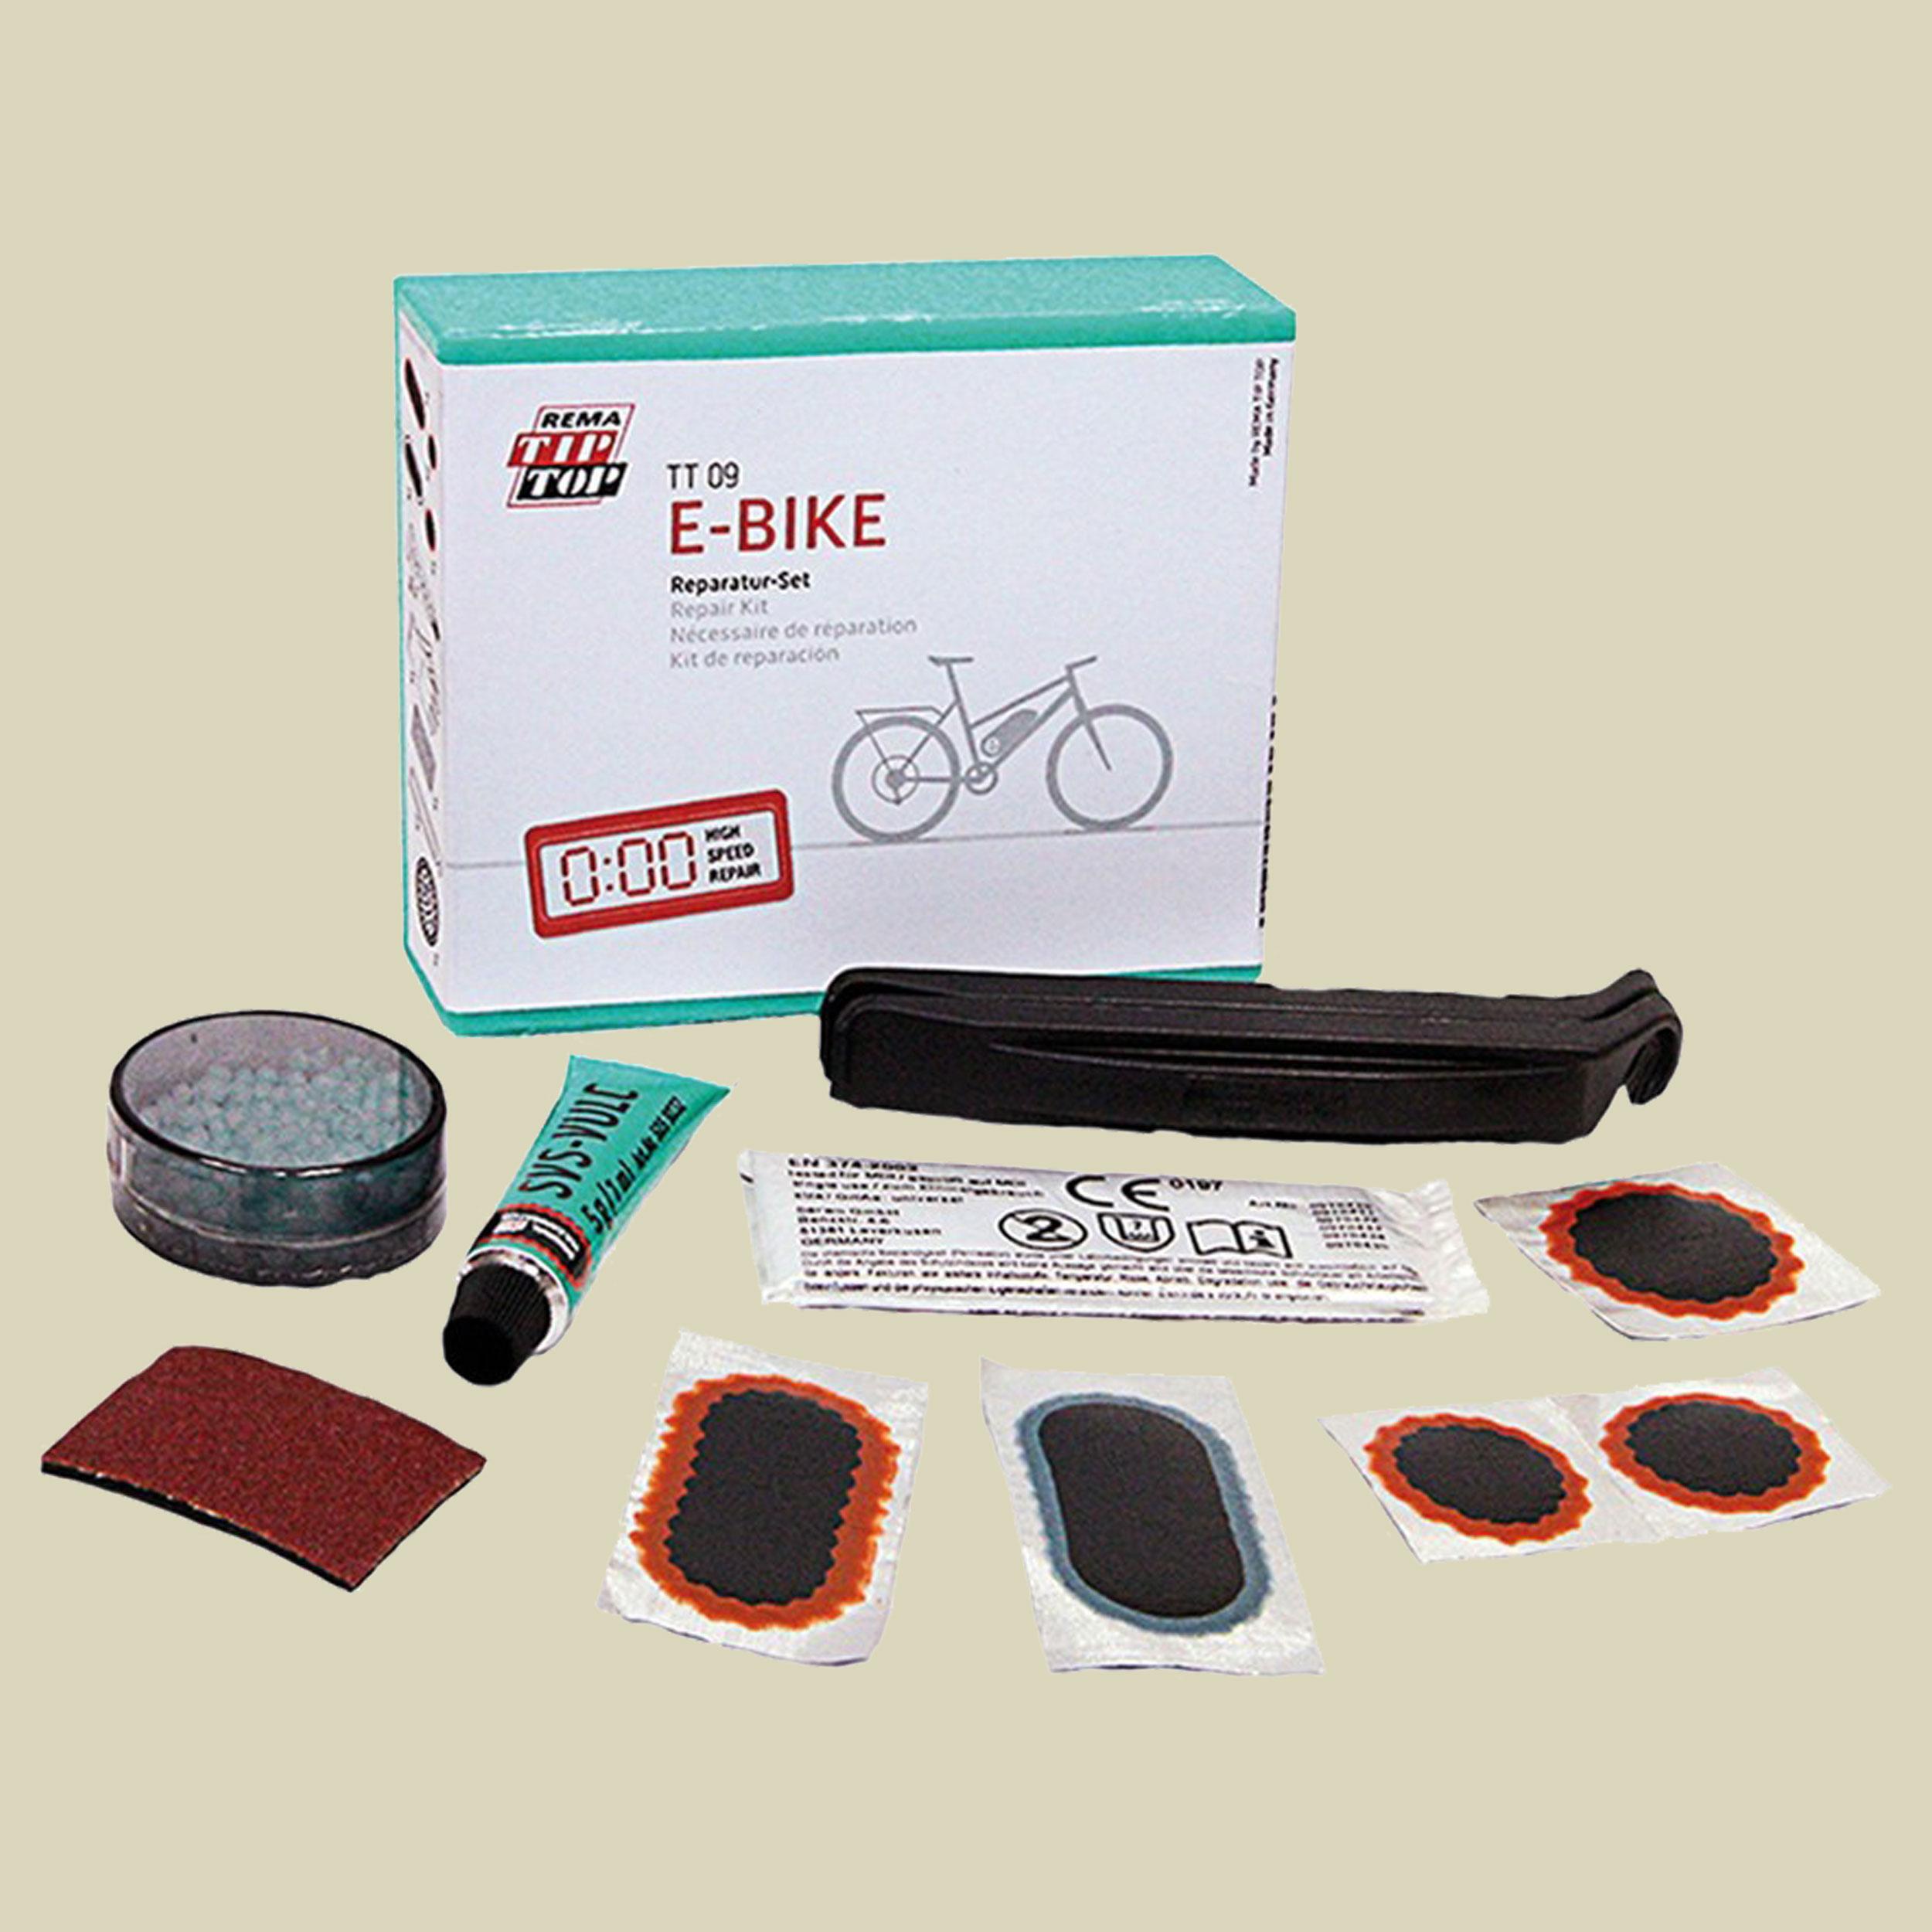 Tip Top TT 09 Fahrrad Flicken Flickzeug